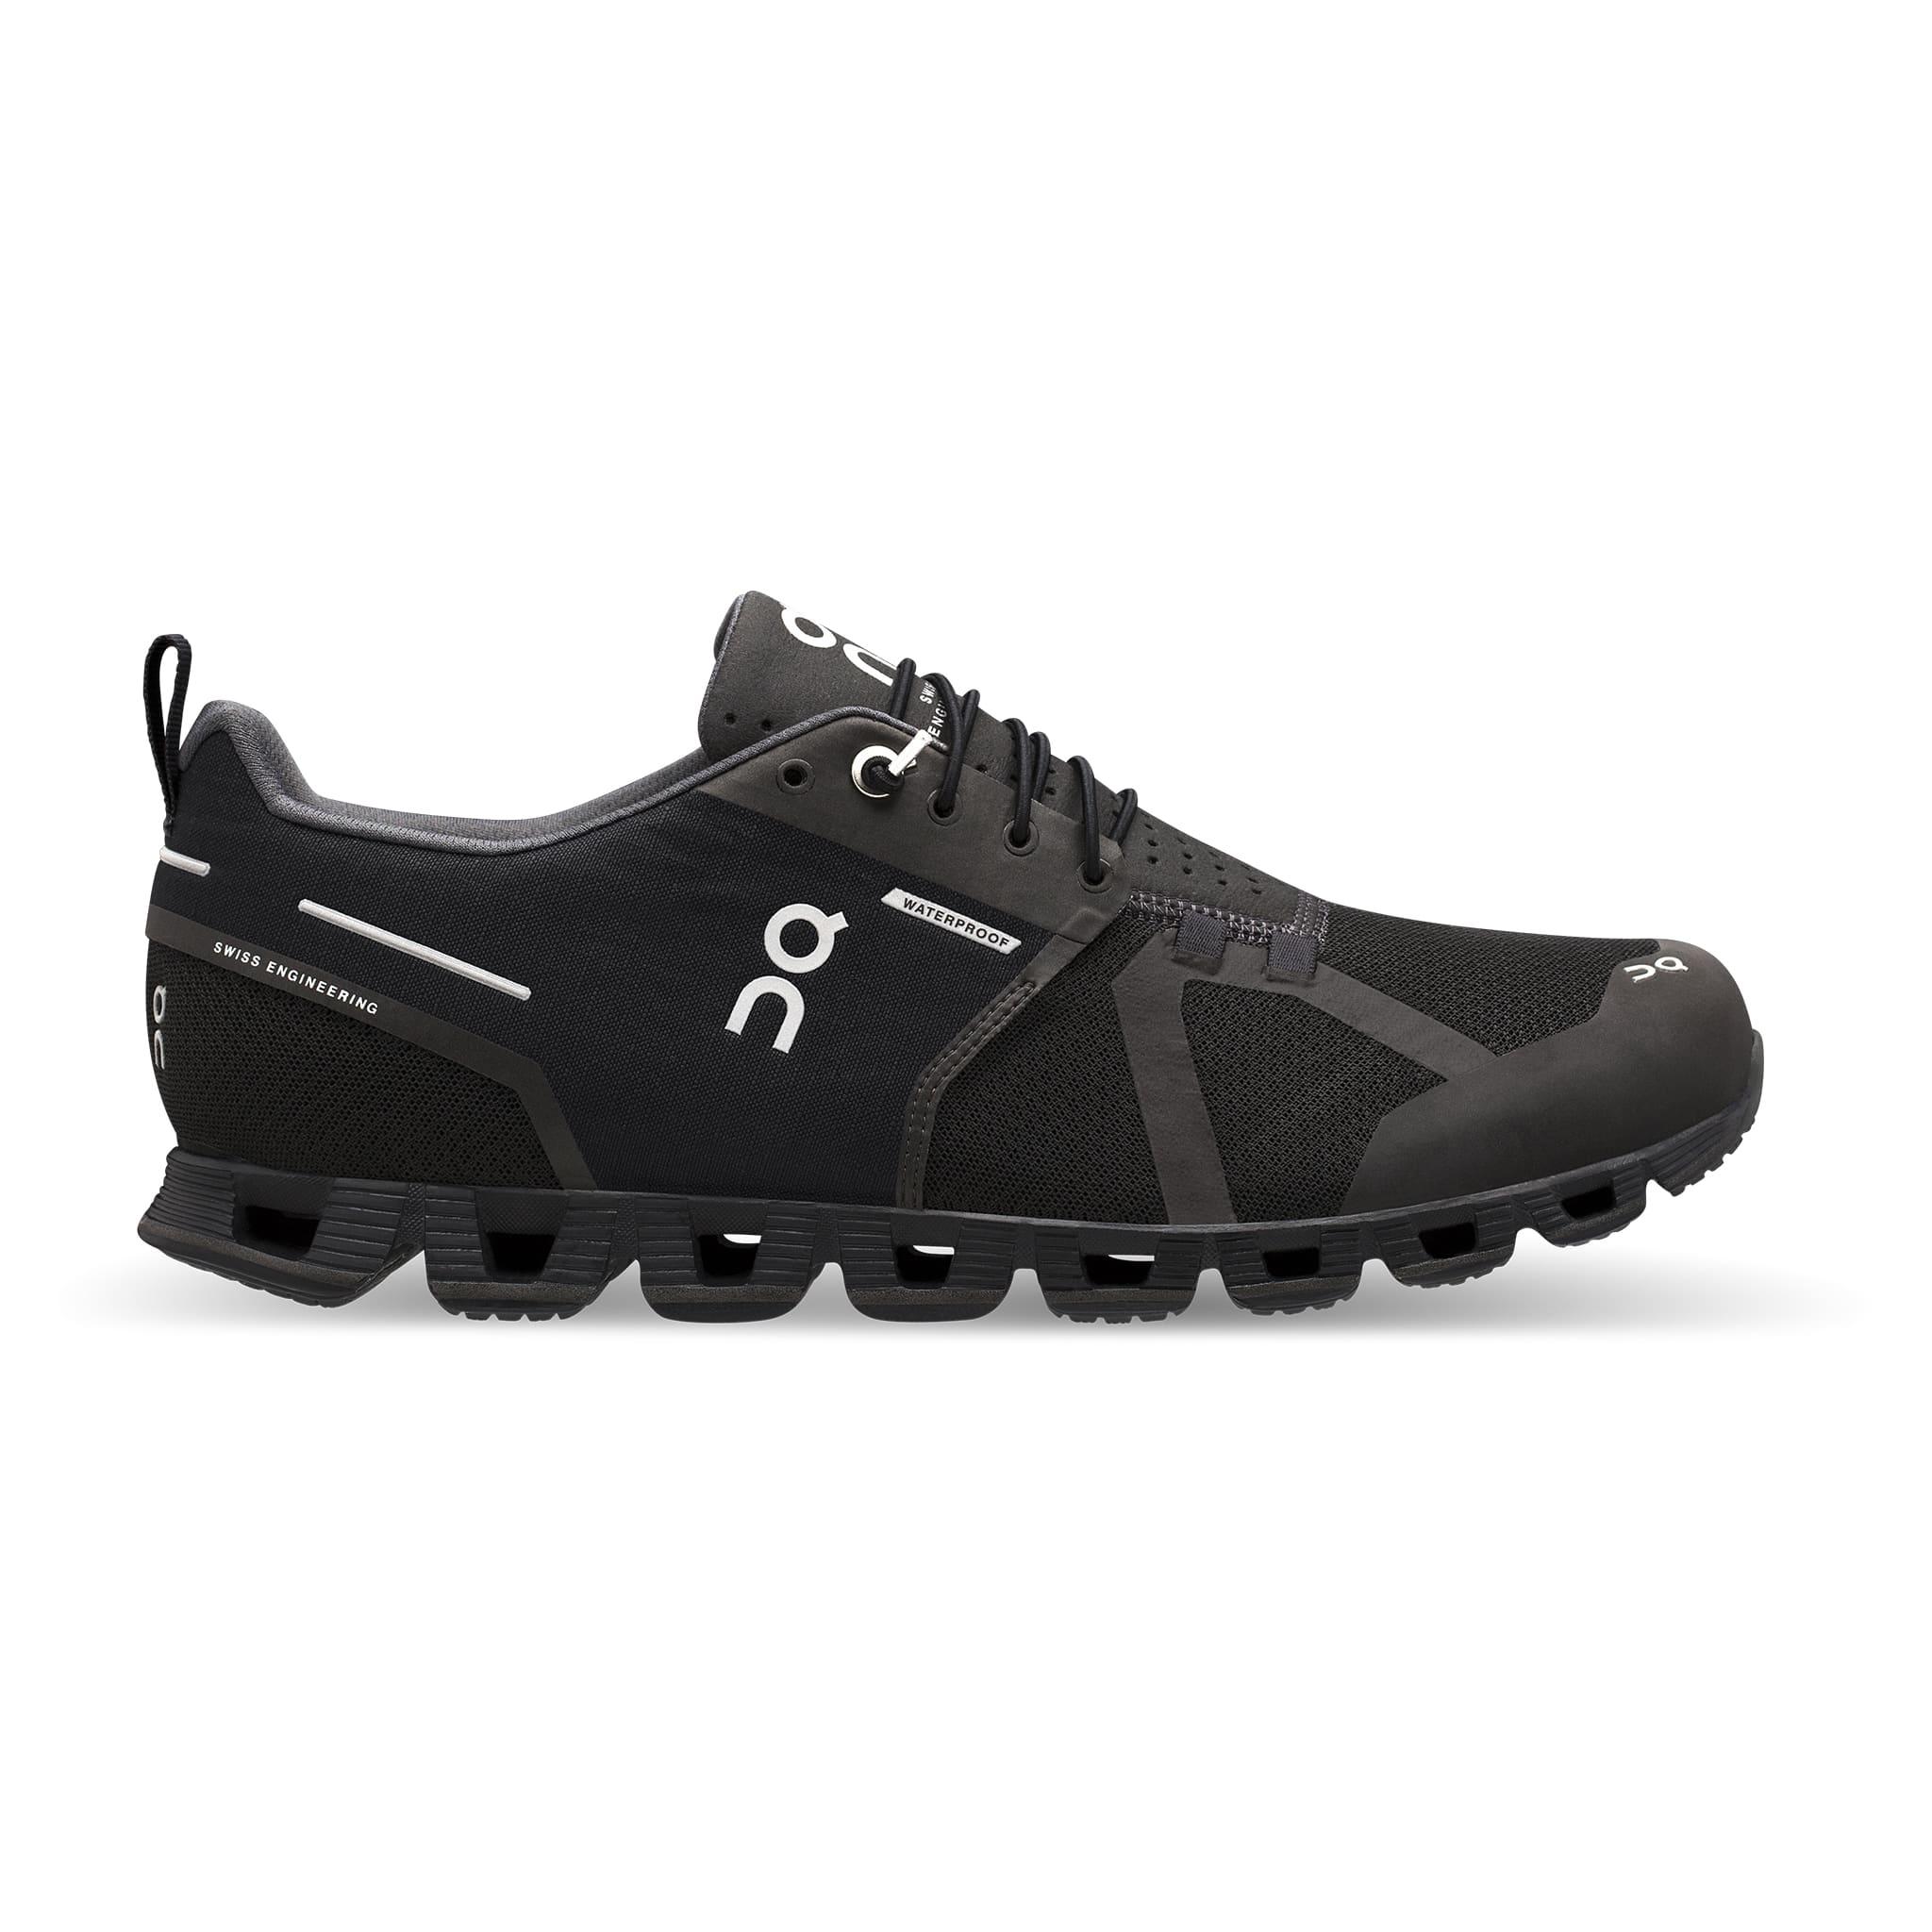 En ekstremt lett og vanntett løpe-sko til korte løpeturer på variert underlag